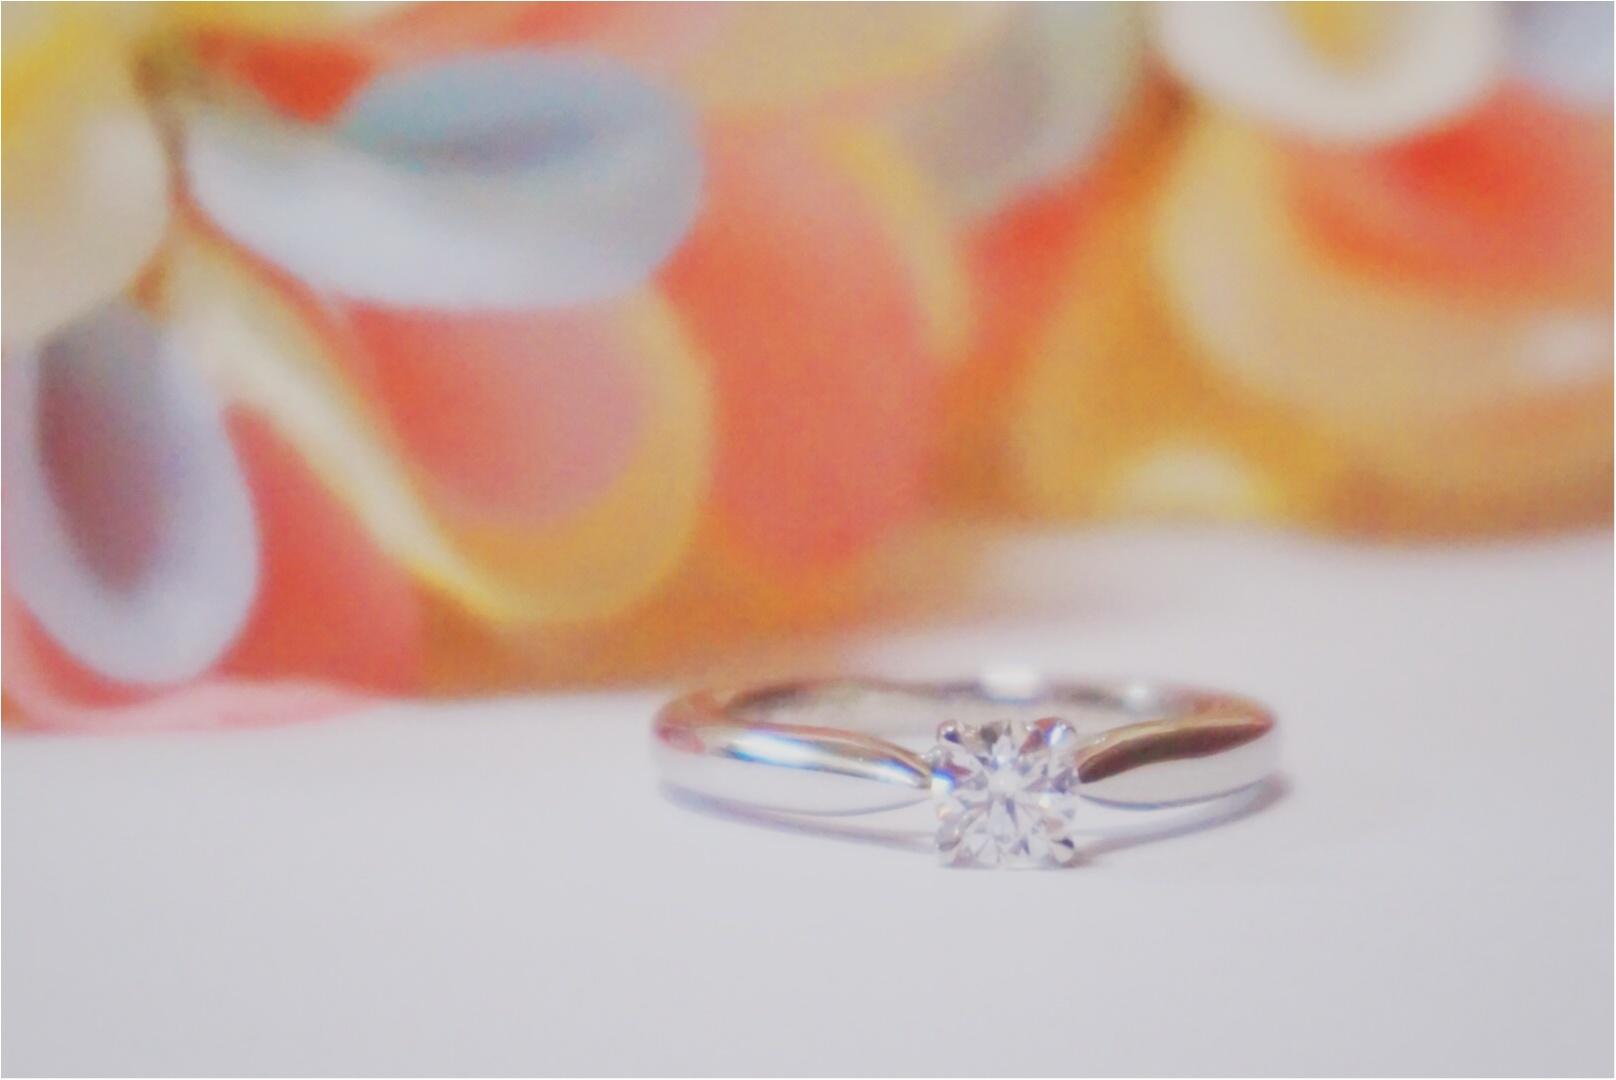 婚約指輪のおすすめブランド特集 - ティファニー、カルティエ、ディオールなどエンゲージリングまとめ_70